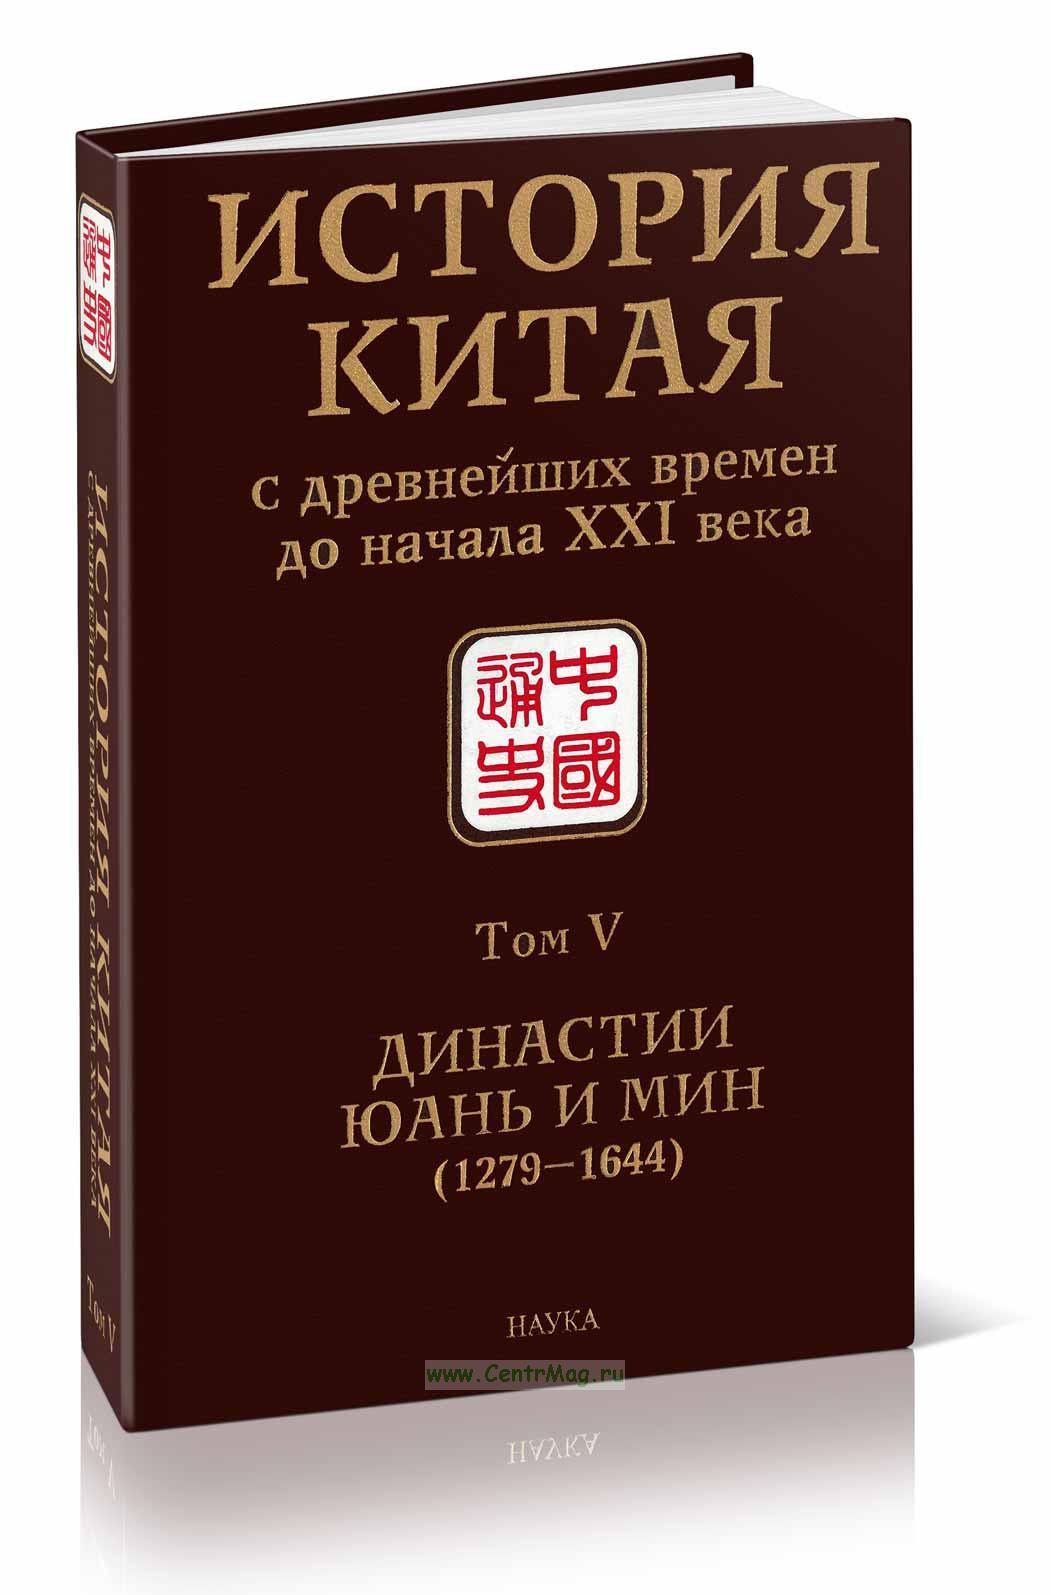 История Китая с древнейших времен до начала XXI века. Том V. Династии Юань и Мин (1279-1644)